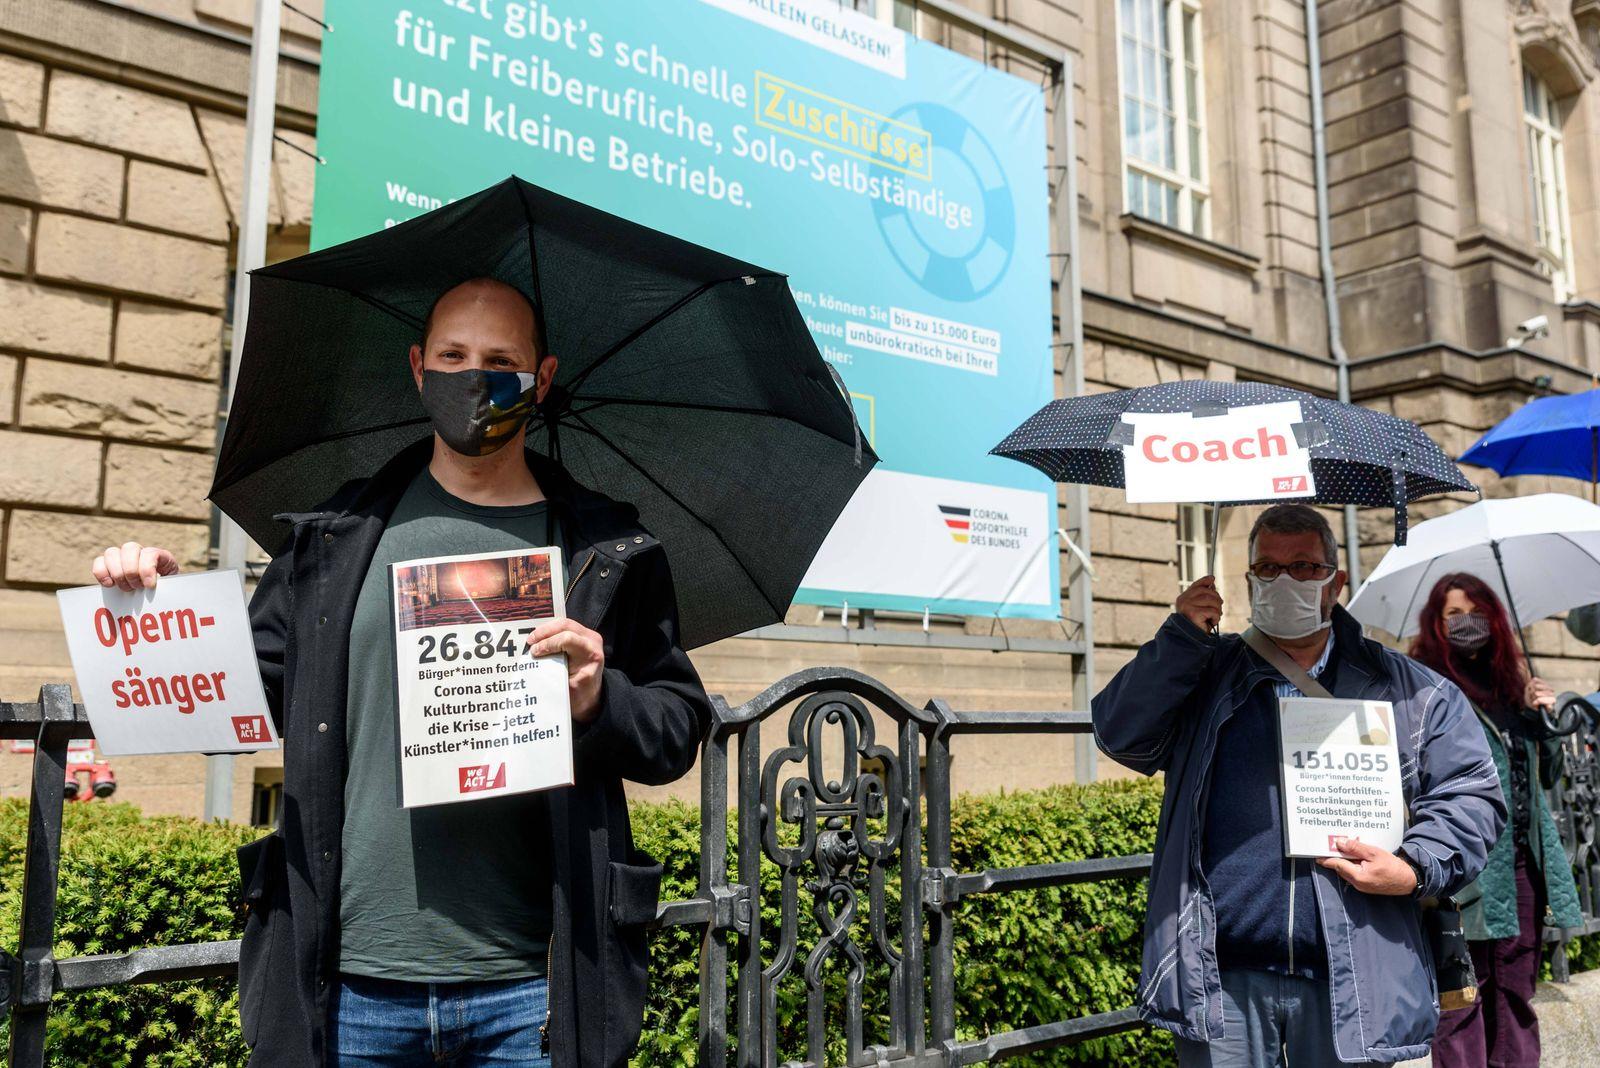 Gemeinsam mit CAMPACT demonstreiren Solo-Selbstständige, Freiberufler und Künstler vor dem Bundeswirtschaftsministerium